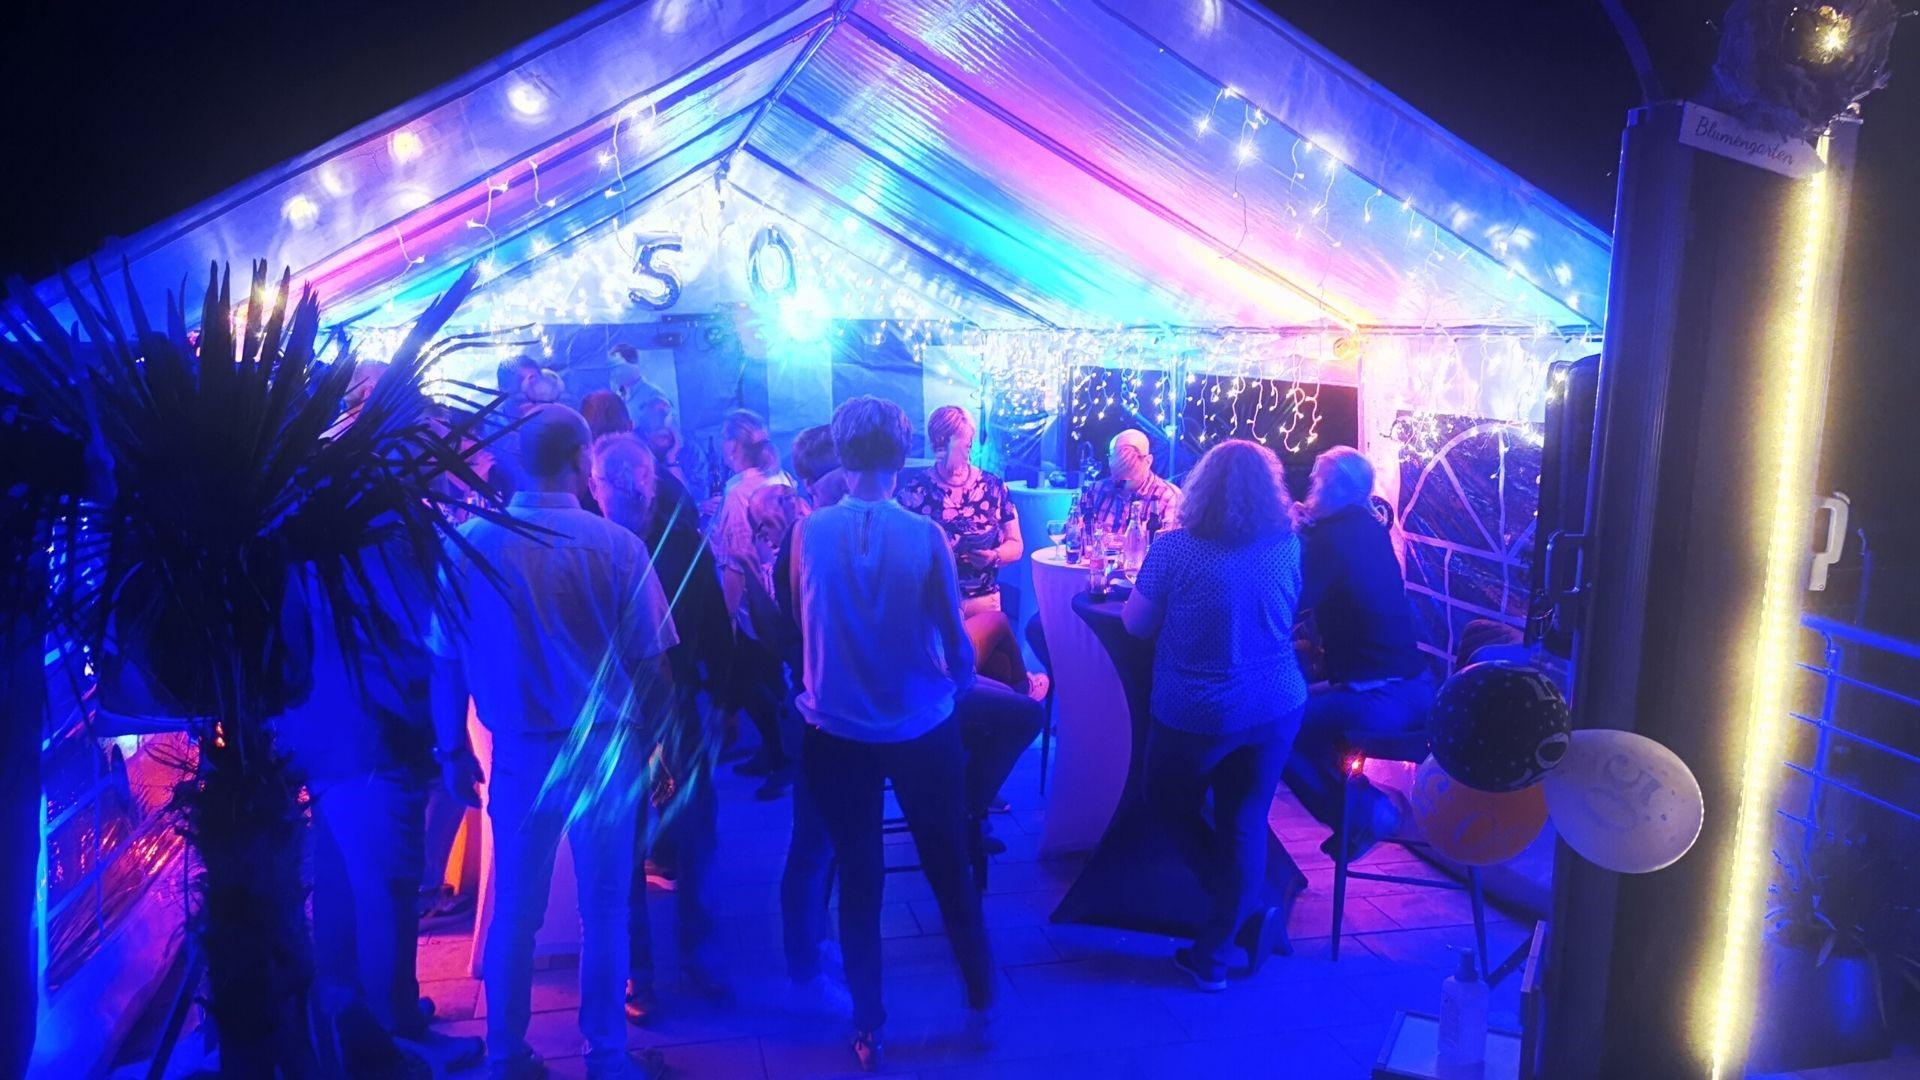 Beleuchtetes Zelt auf einem 50sten Geburtstag